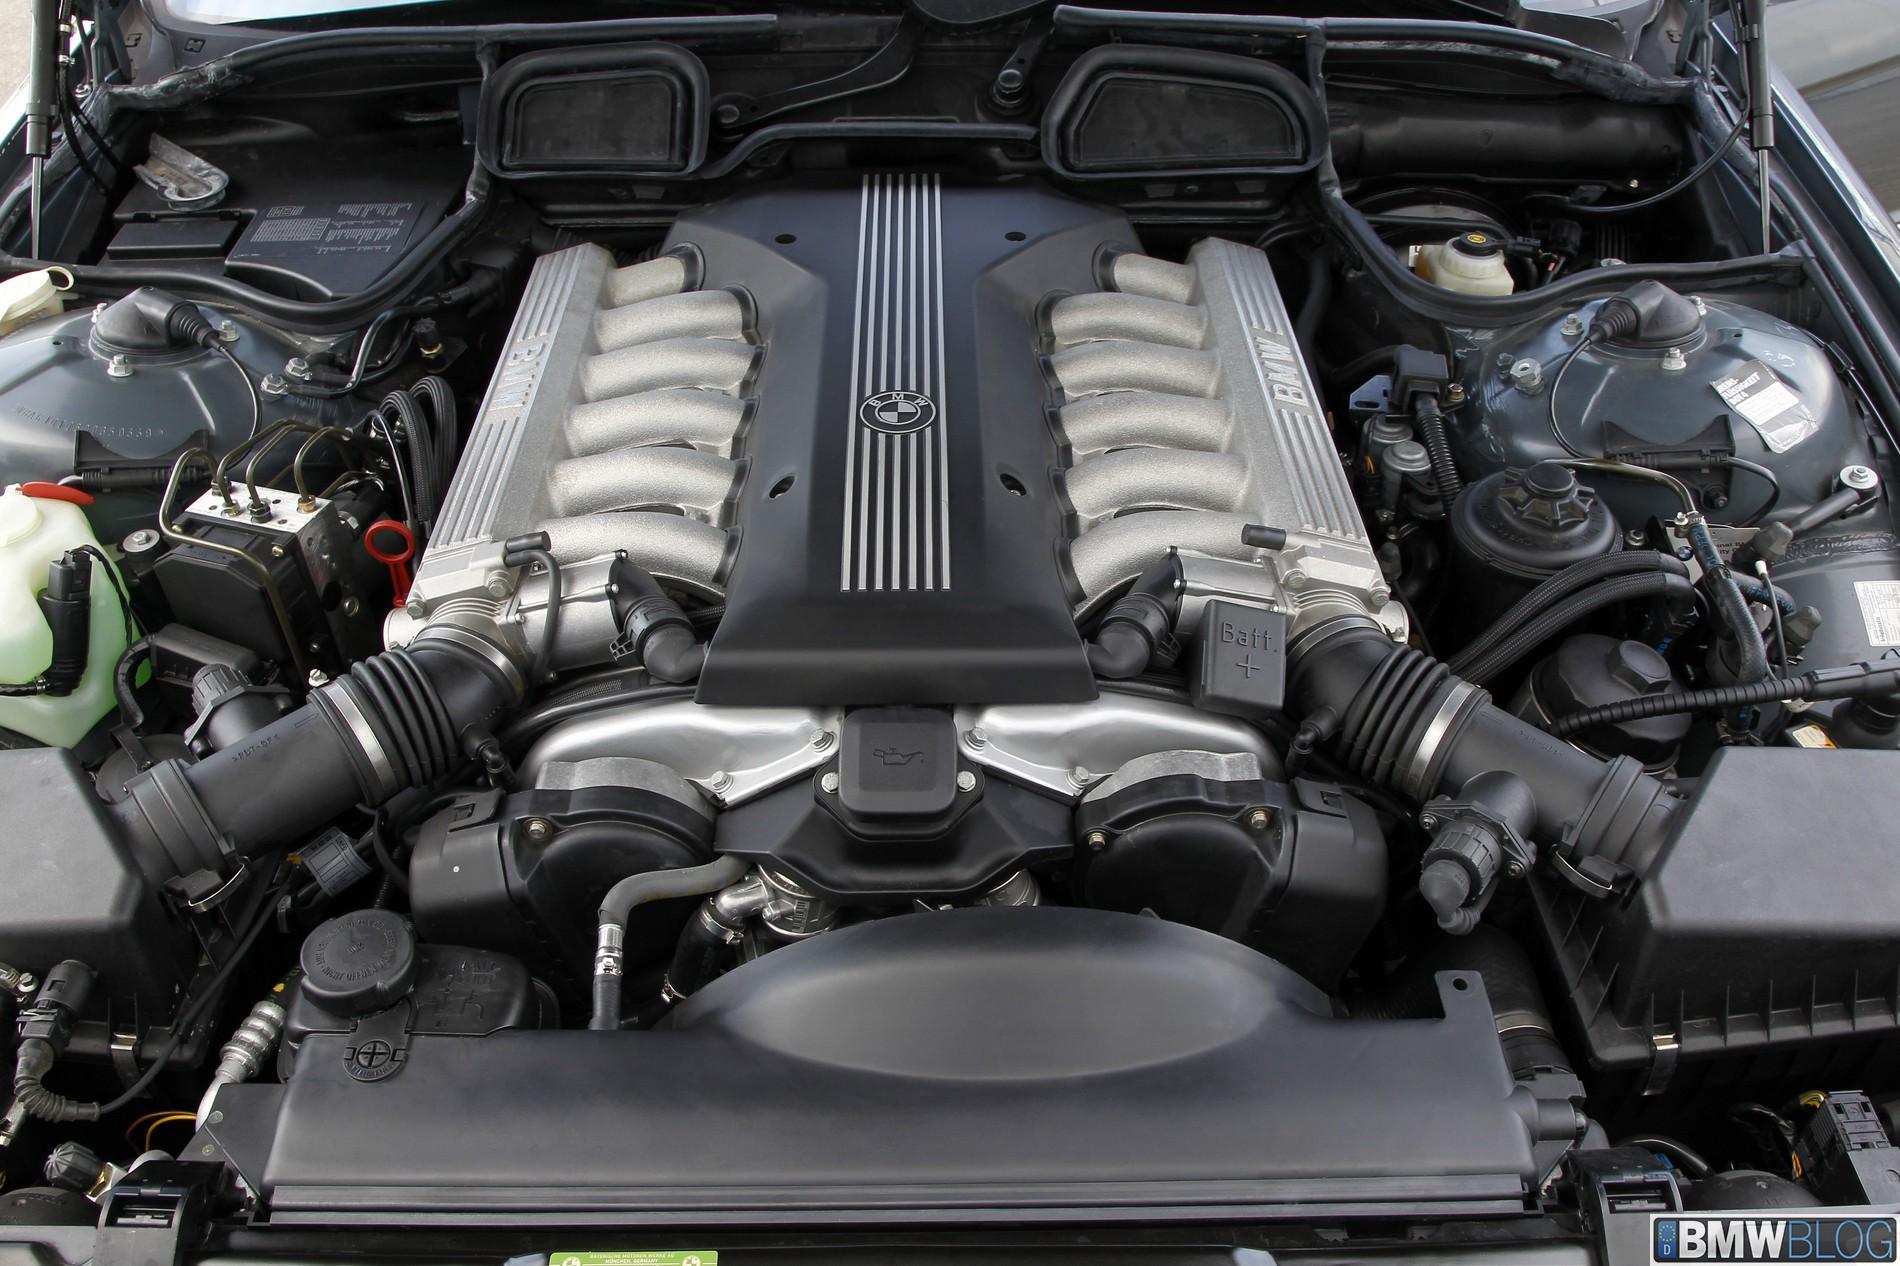 25 Jaar Bmw 12 Cilinder Motoren